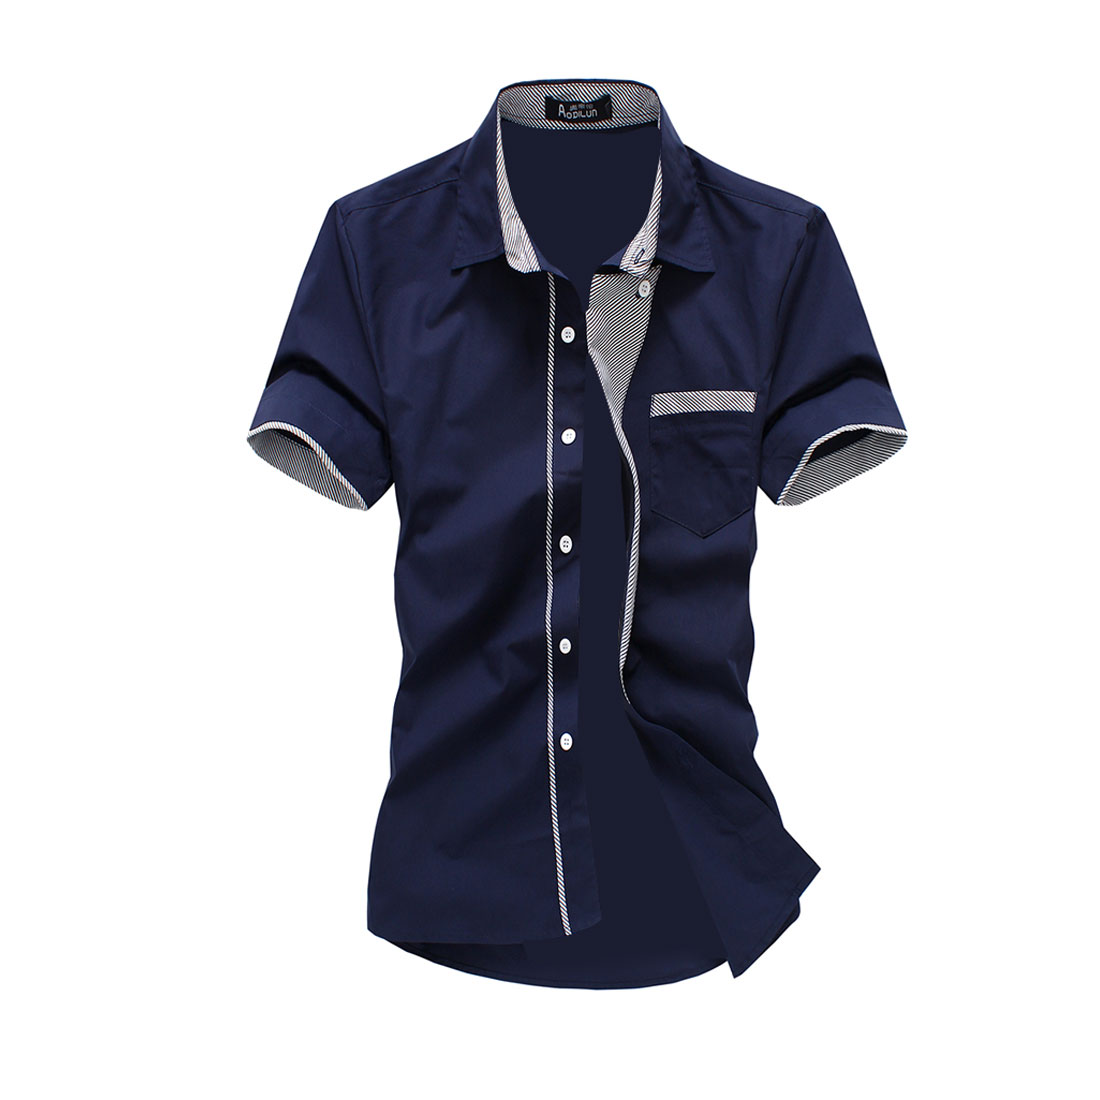 Men Button Closure Summer Wearing Casual Shirt Navy Blue M